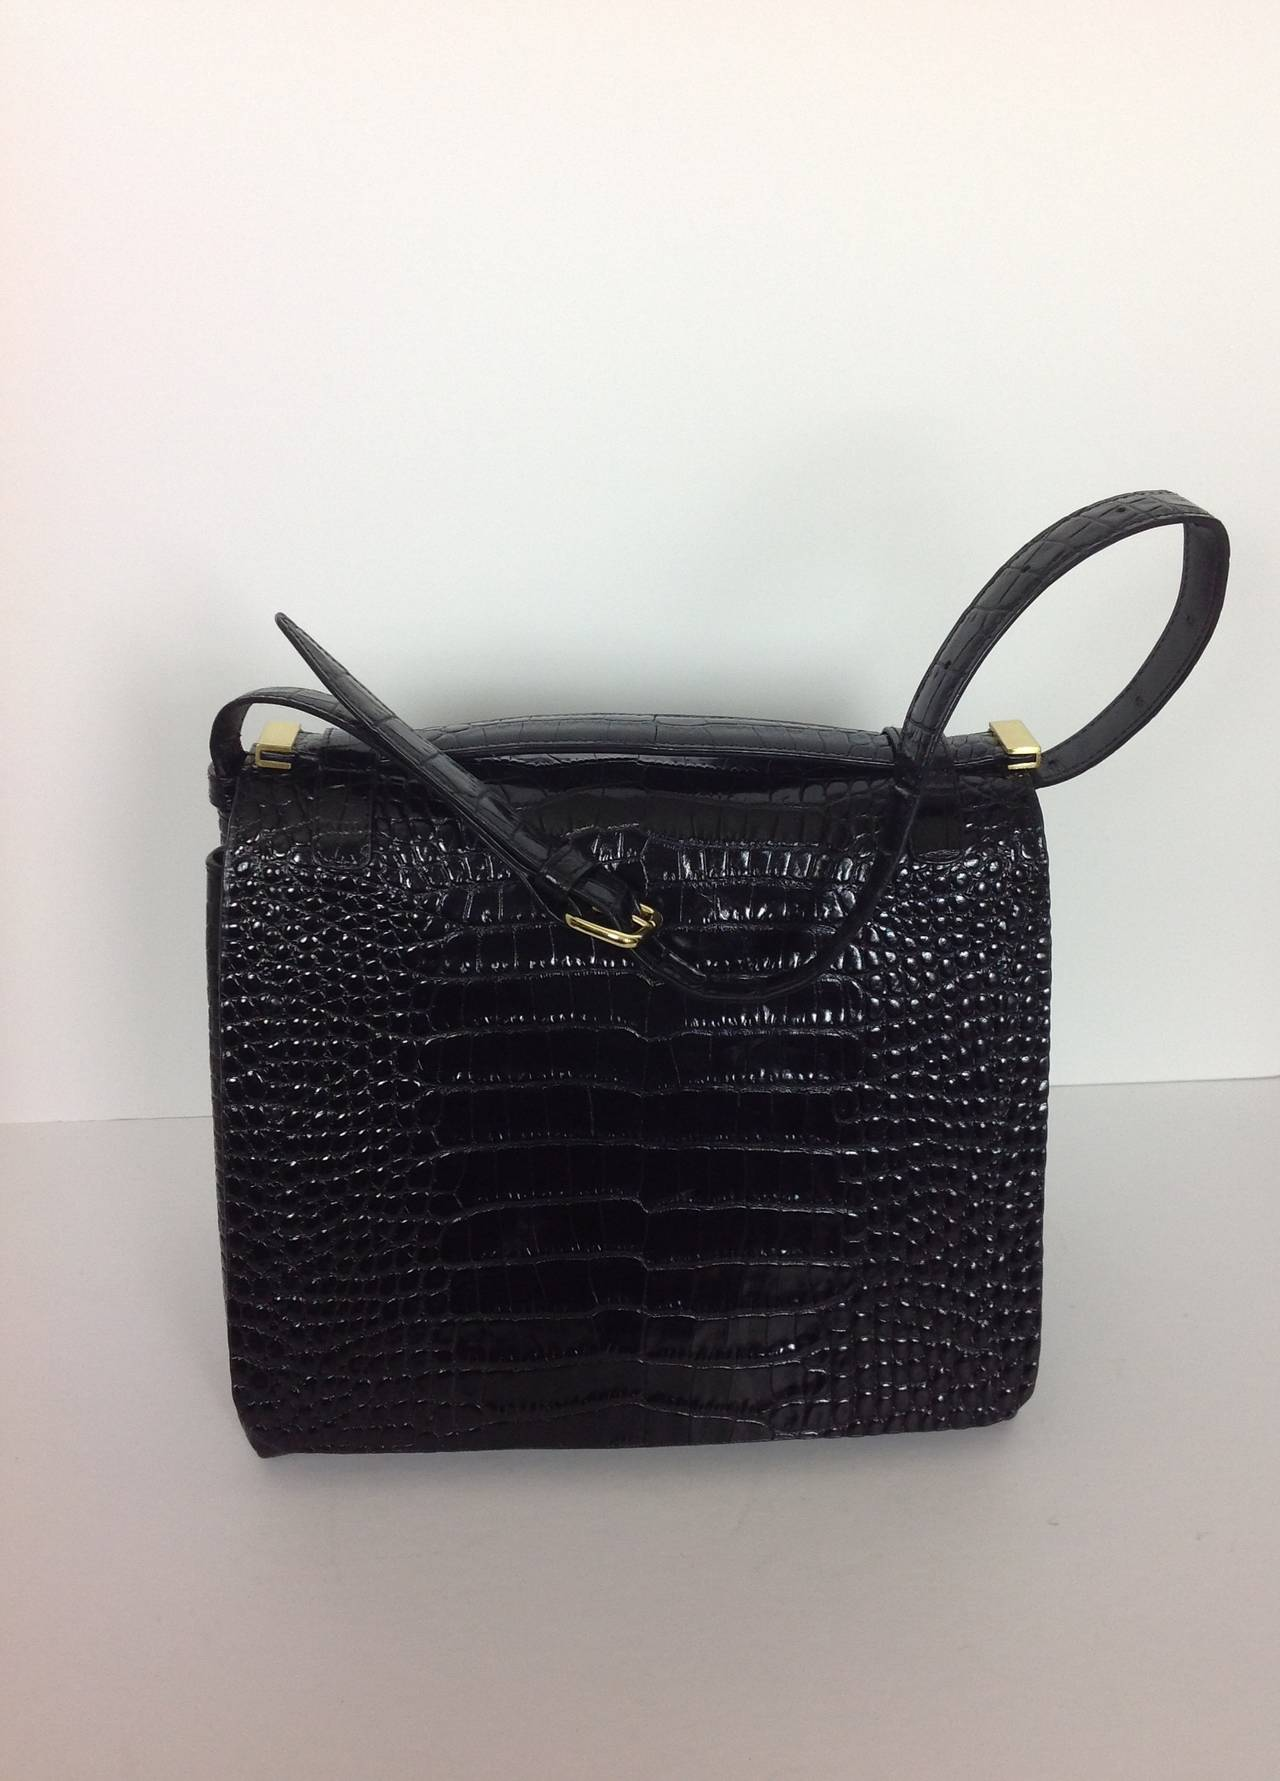 Dries Van Noten bold embossed leather handbag 2